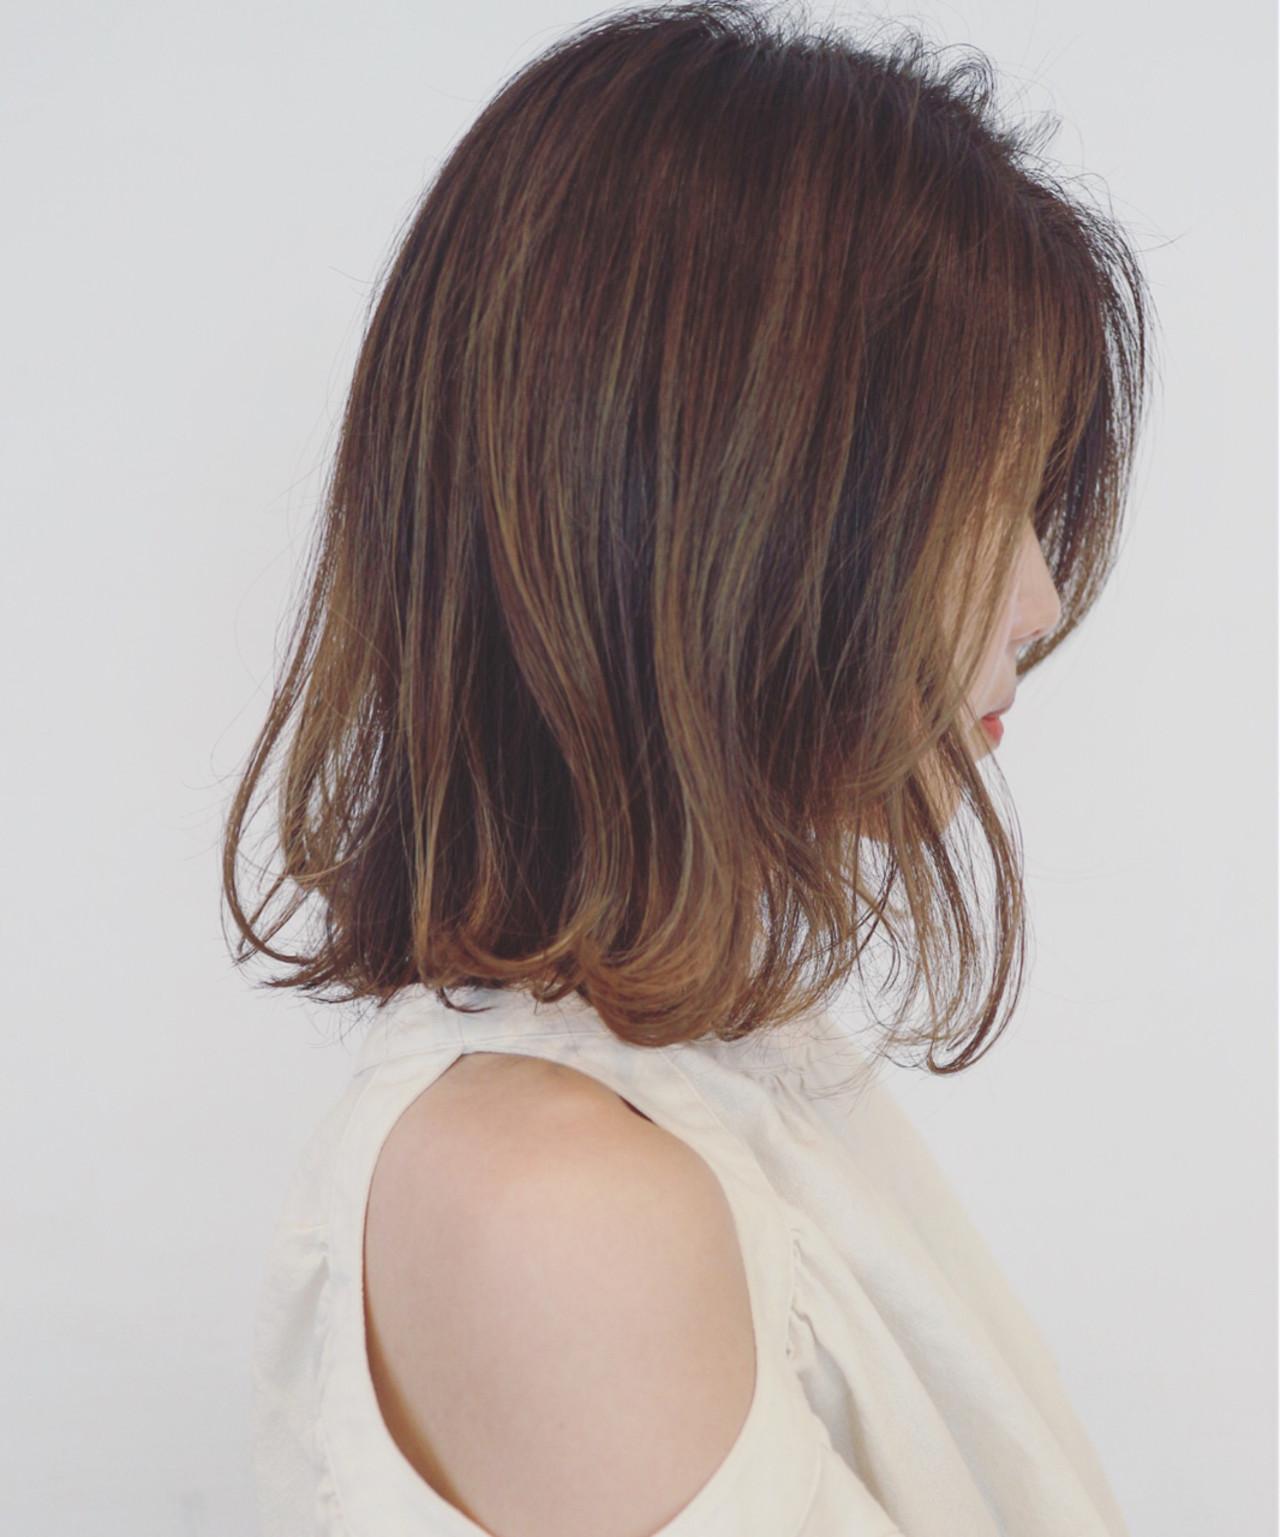 フェミニン ミディアム アンニュイ デート ヘアスタイルや髪型の写真・画像